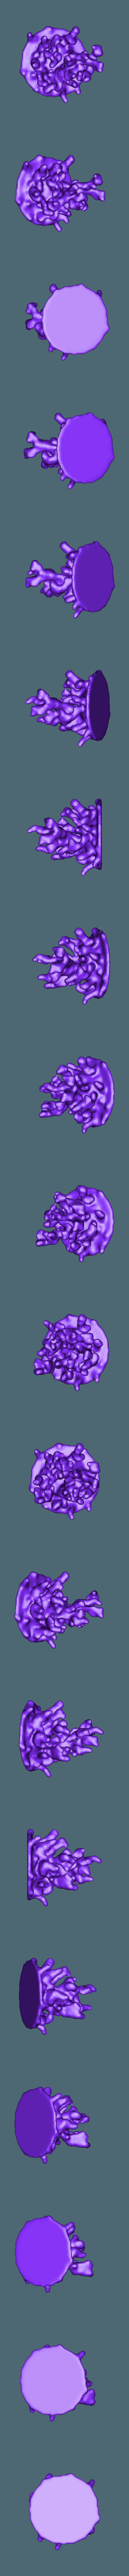 coral_13.stl Télécharger fichier STL gratuit Récif de plastique #5 : Coraux • Design pour imprimante 3D, ferjerez3d